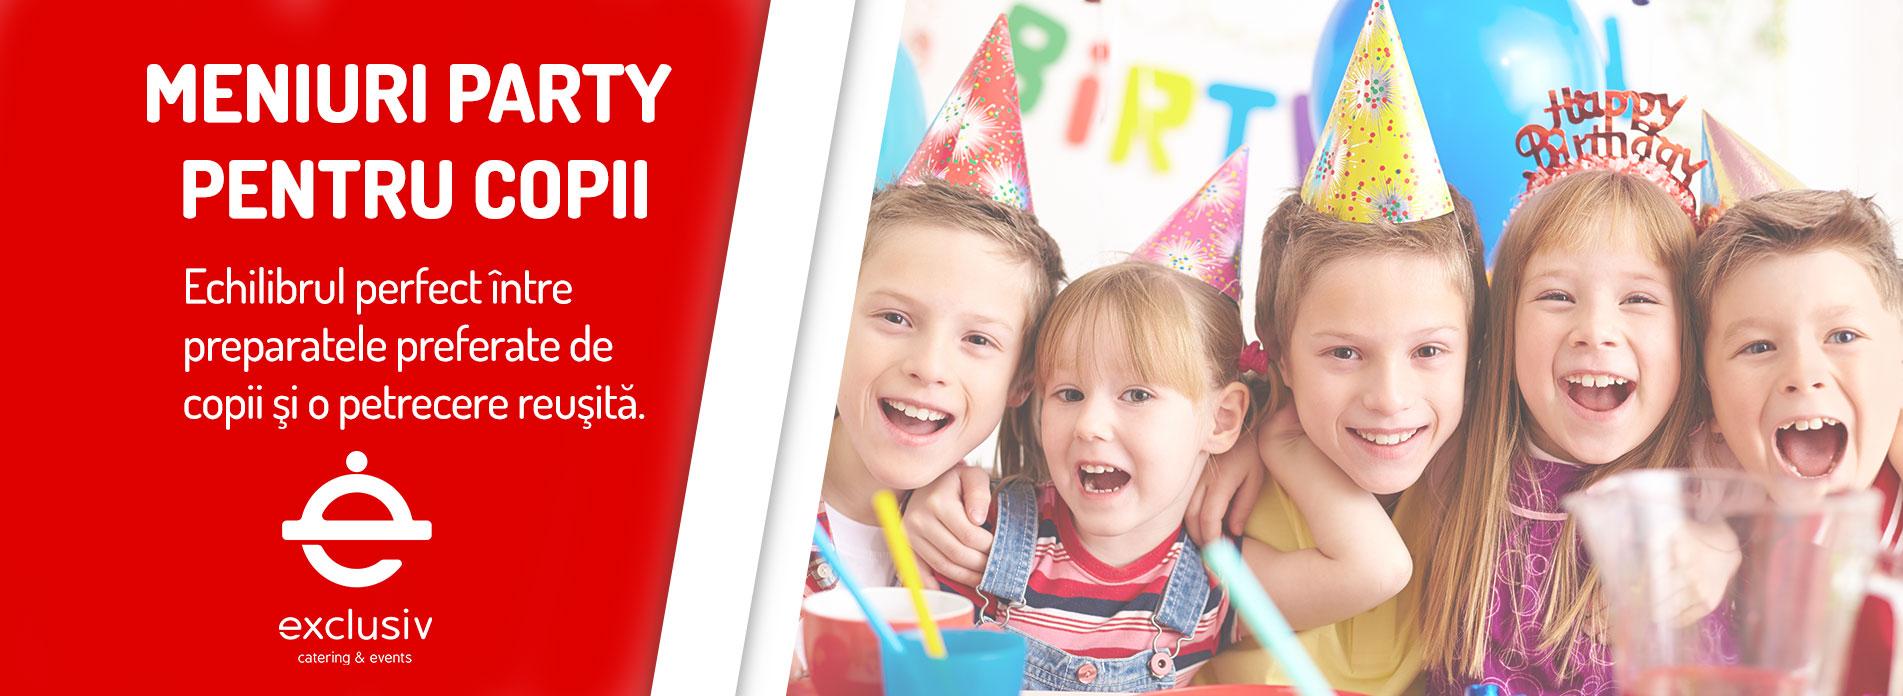 exclusiv-catering-slider-4-meniuri-party-pentru-copii